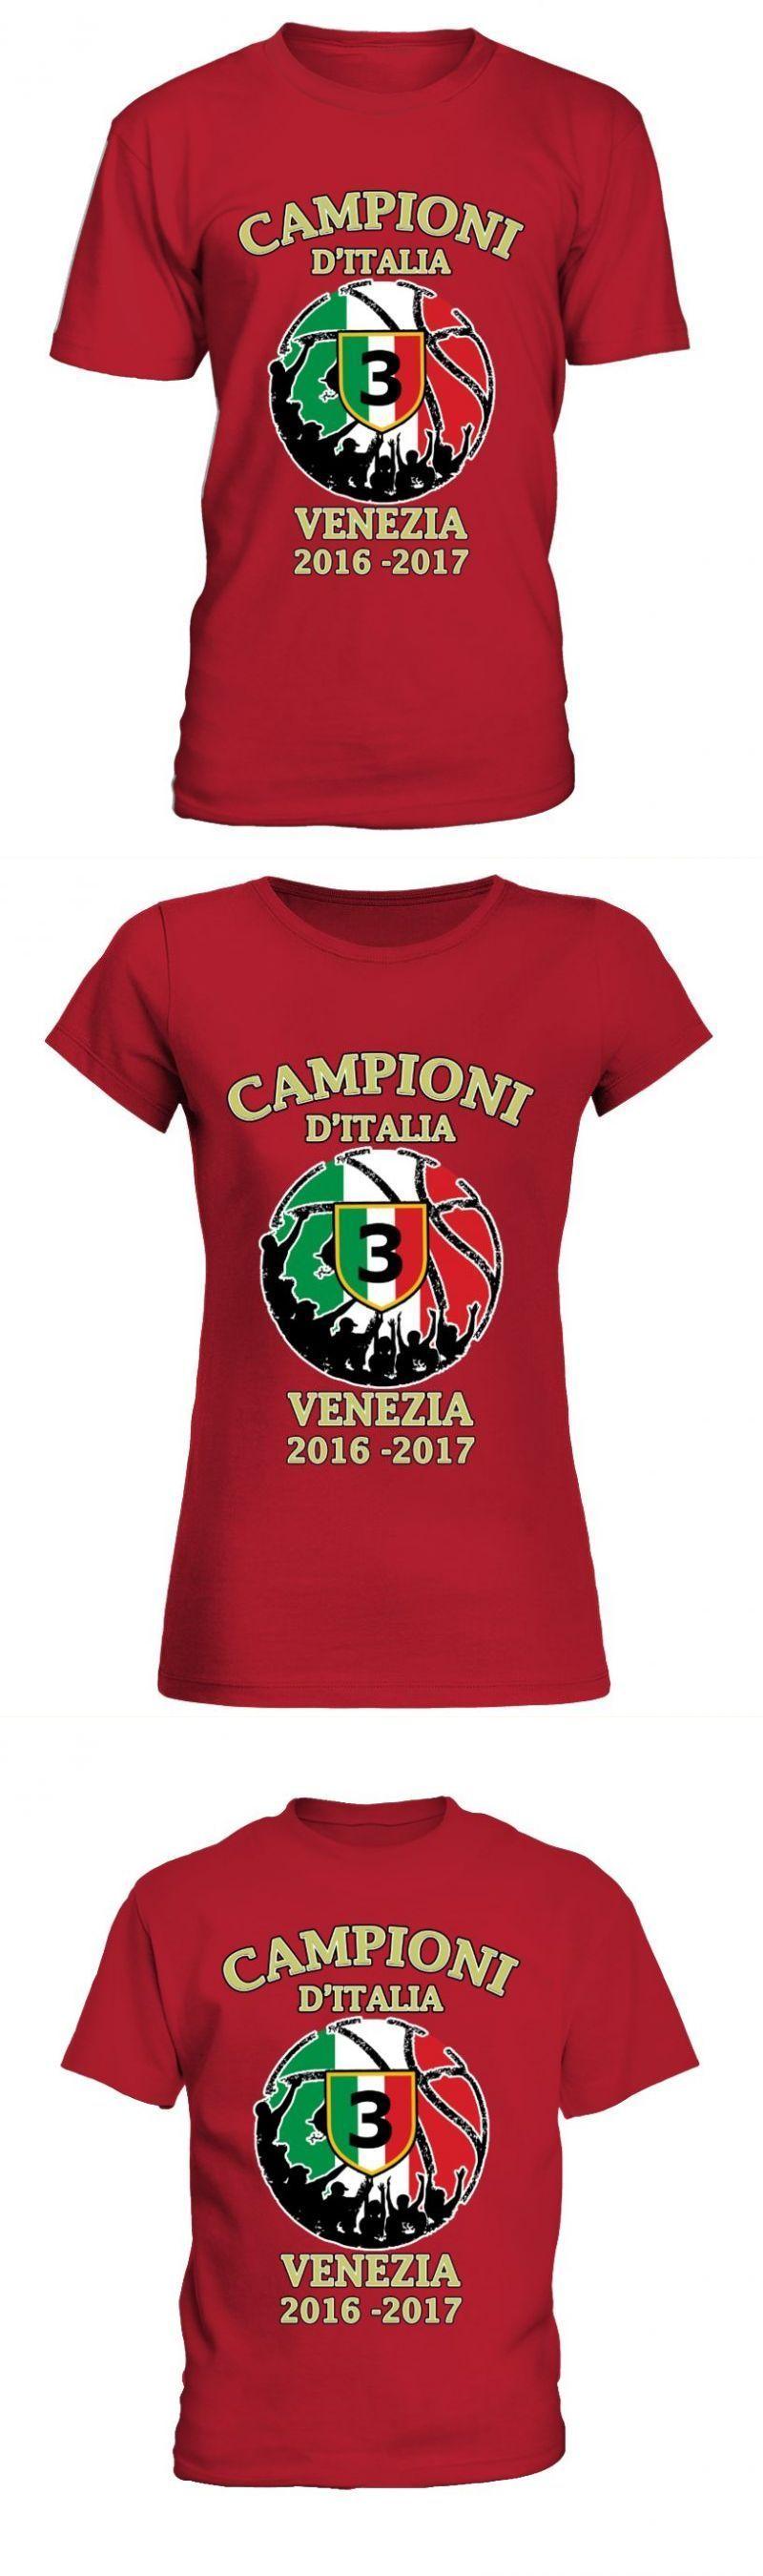 Louisville Basketball T Shirt Venezia Campione Edizione Limitata